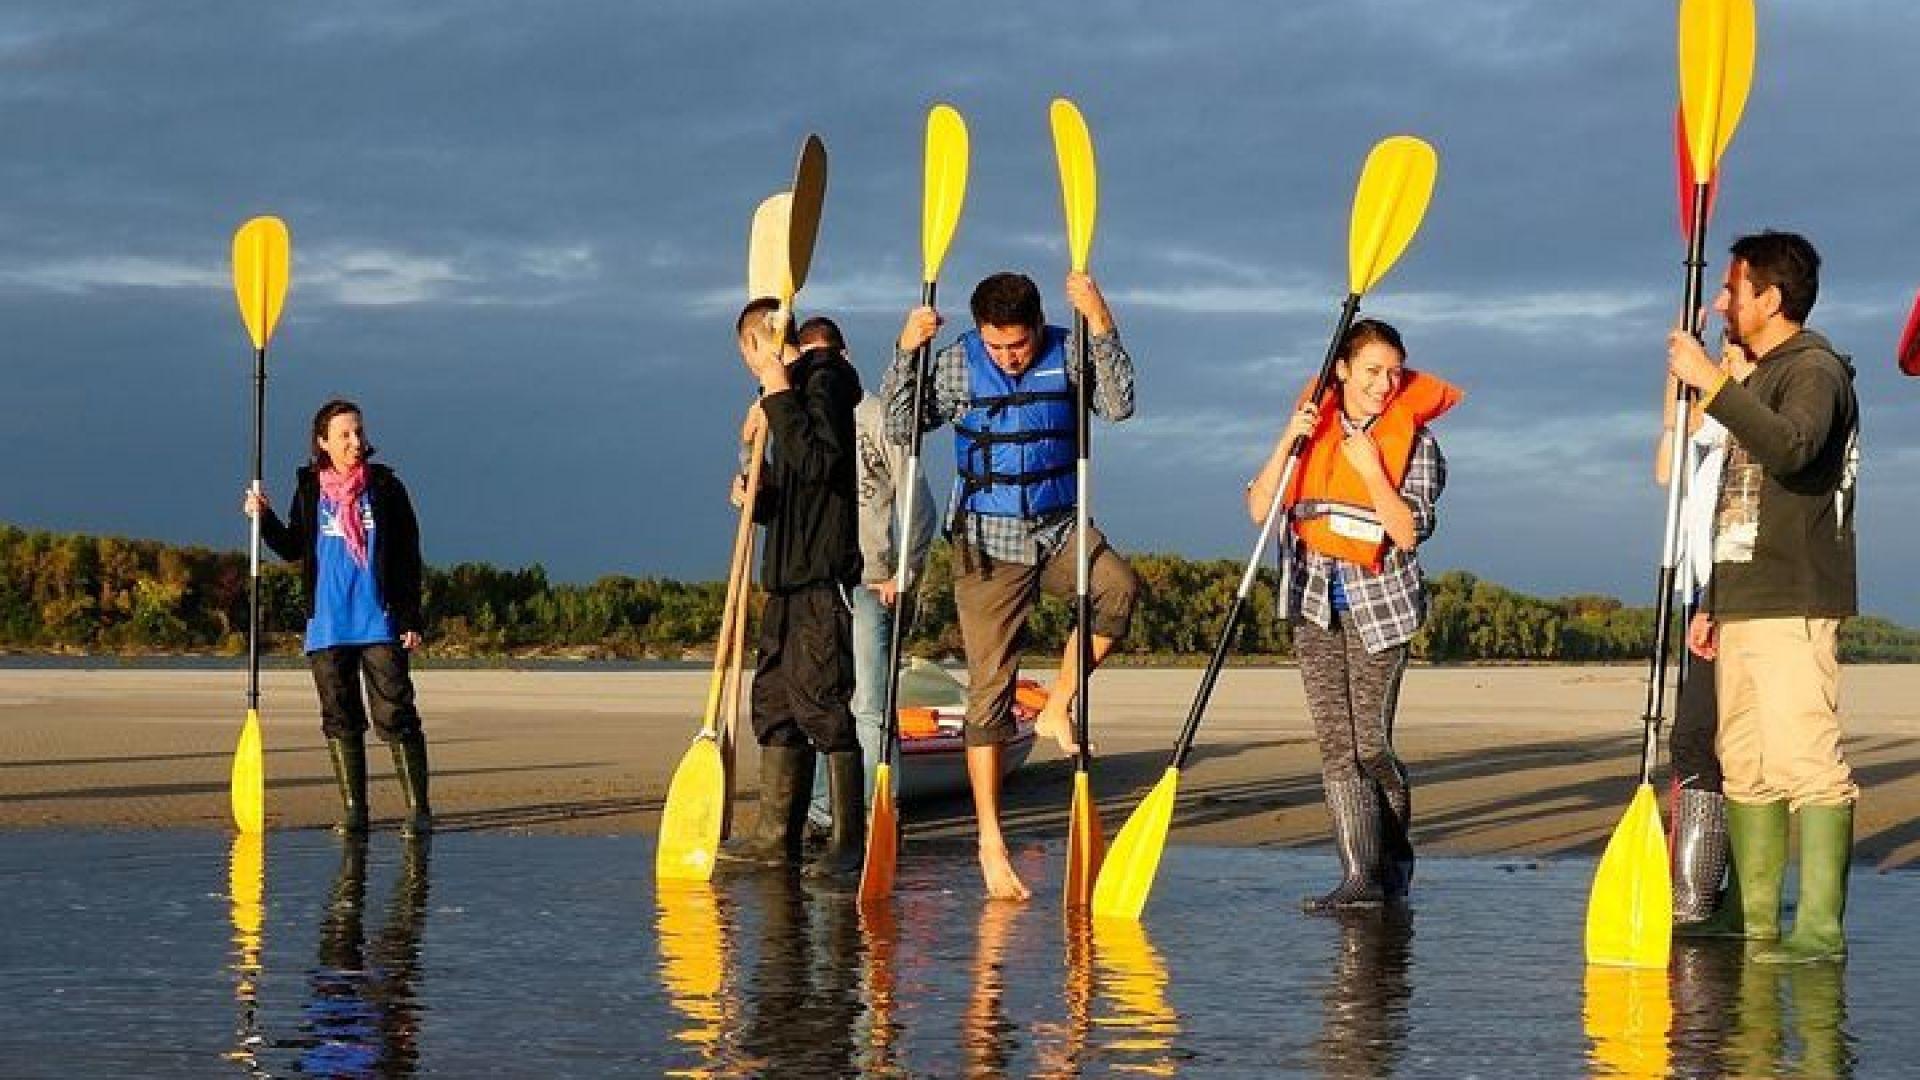 Започват туристически разходки с лодки по река Дунав